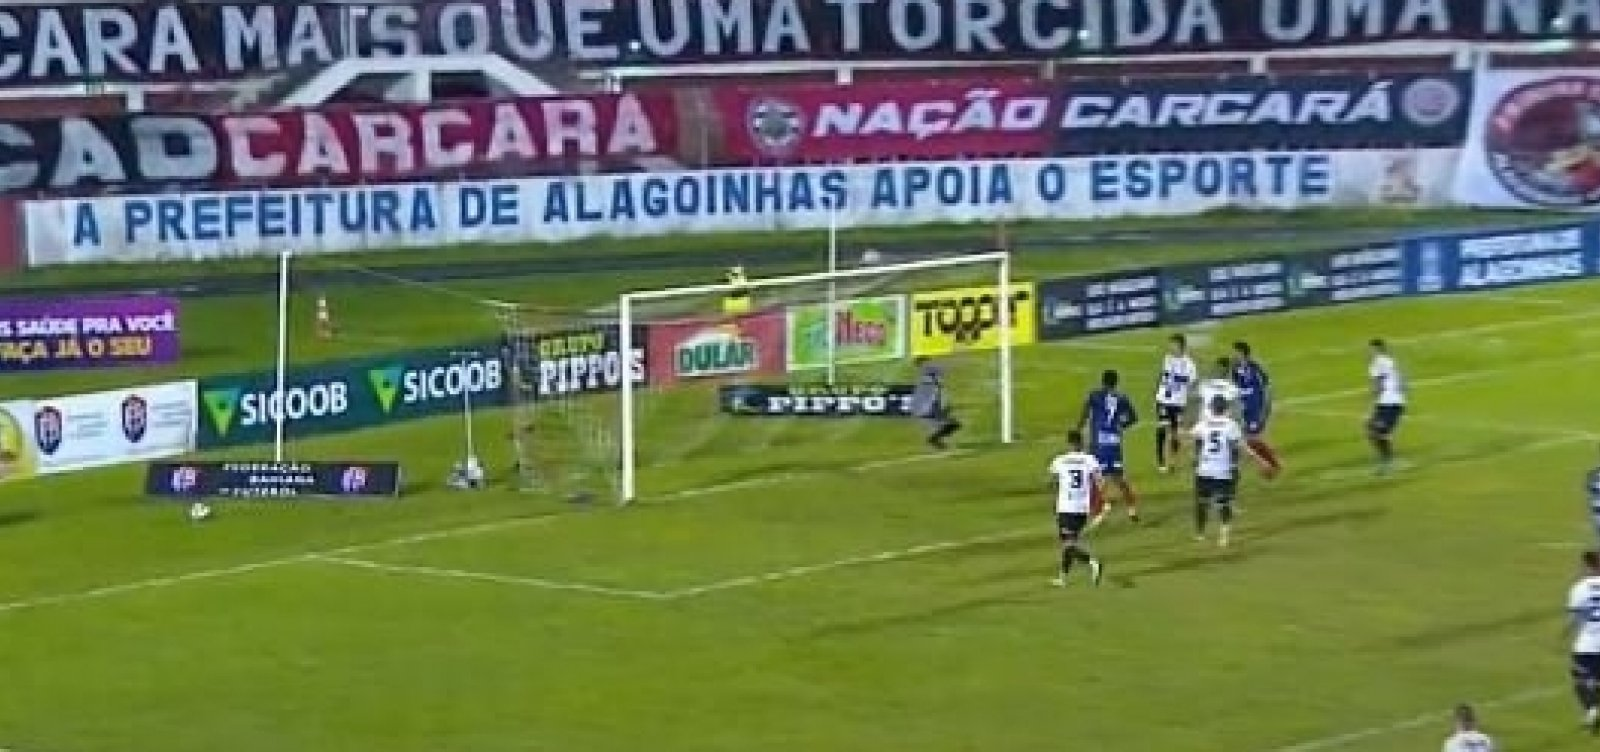 Primeiro jogo da final do Baiano tem muita emoção e empate em 2 a 2 entre Atlético e Bahia de Feira